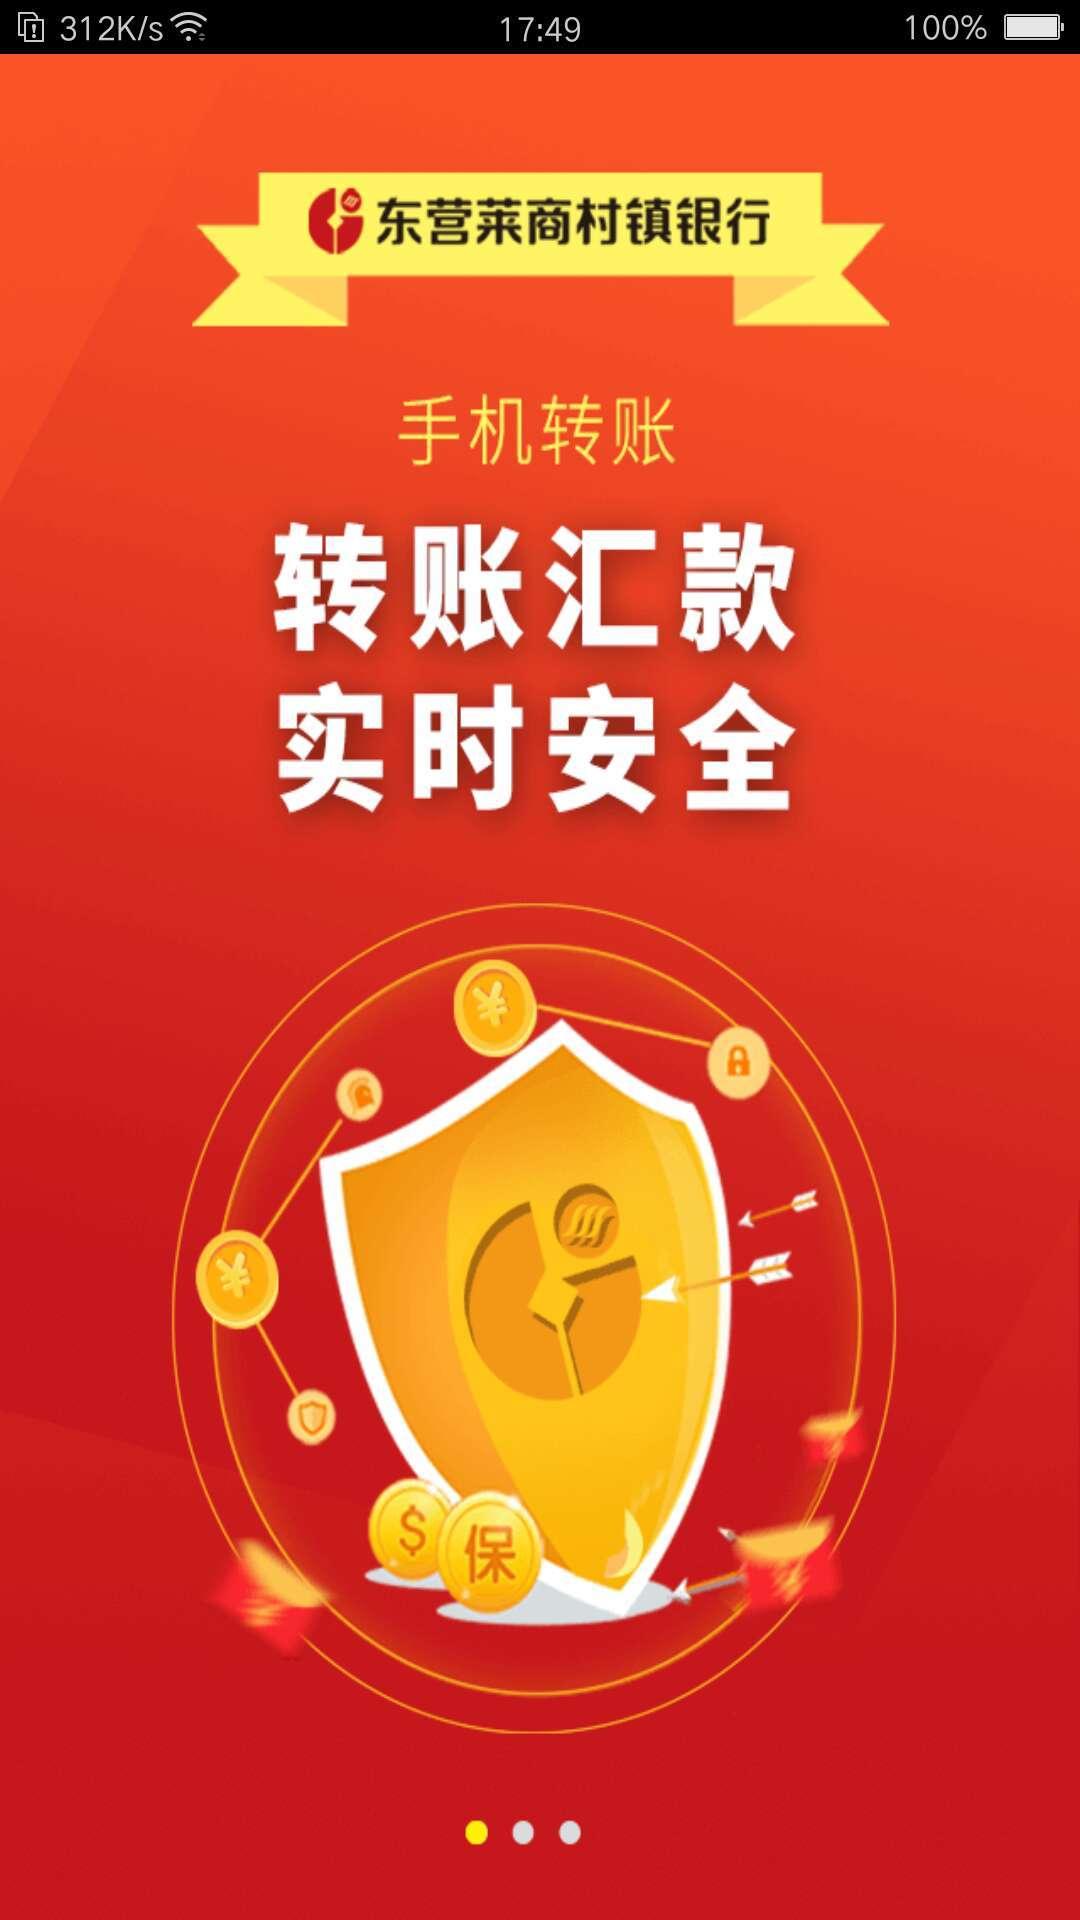 东营莱商村镇银行软件截图1